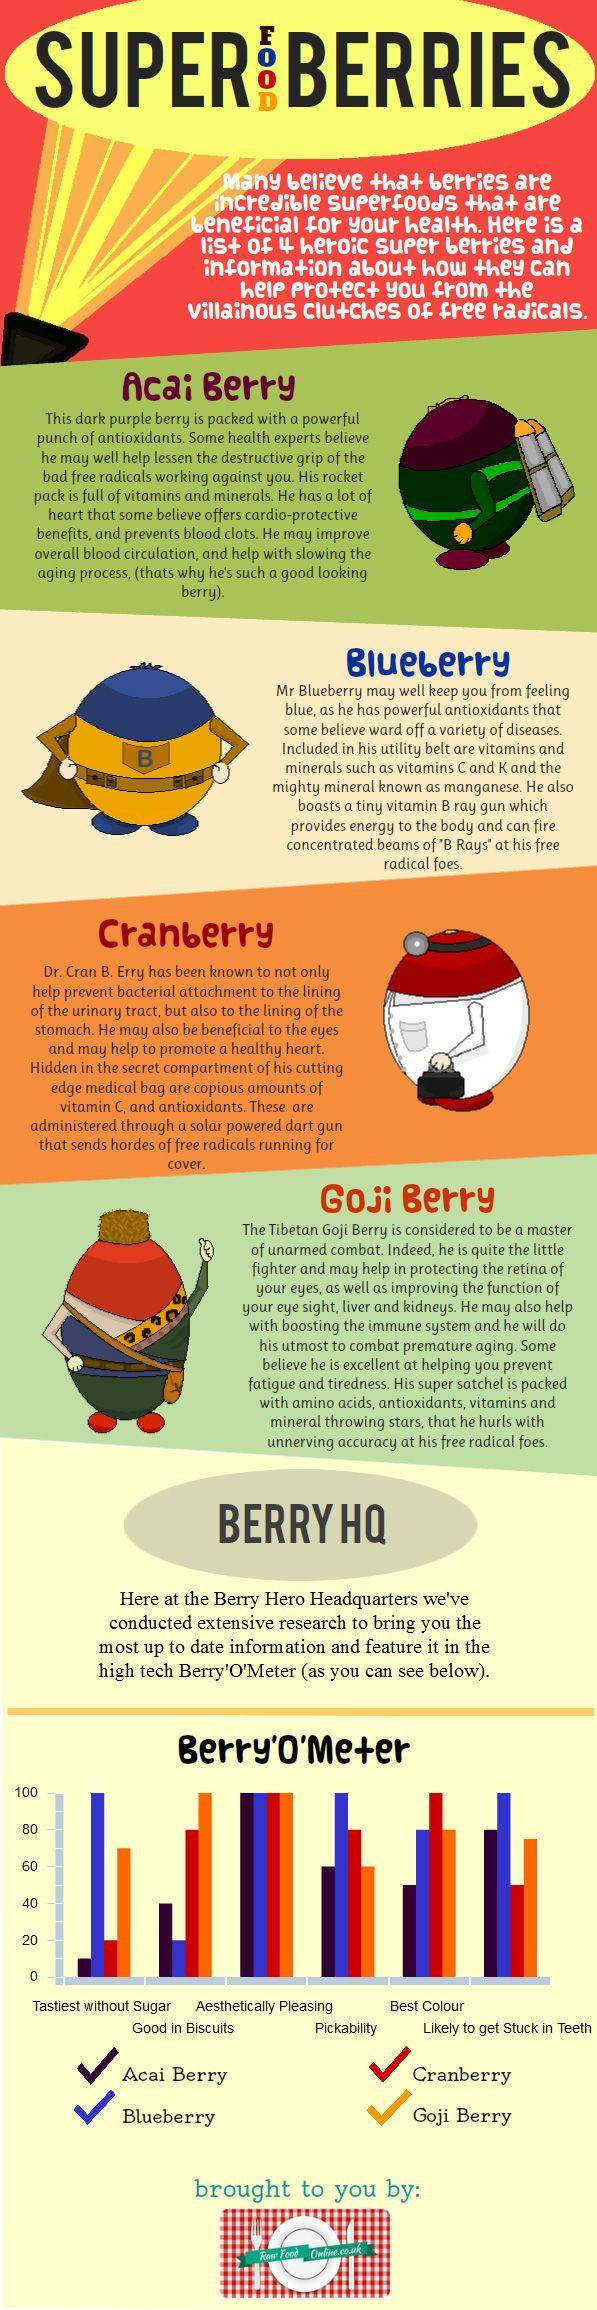 Superfood-Berries such as acai berries blue berries cranberries goji berries